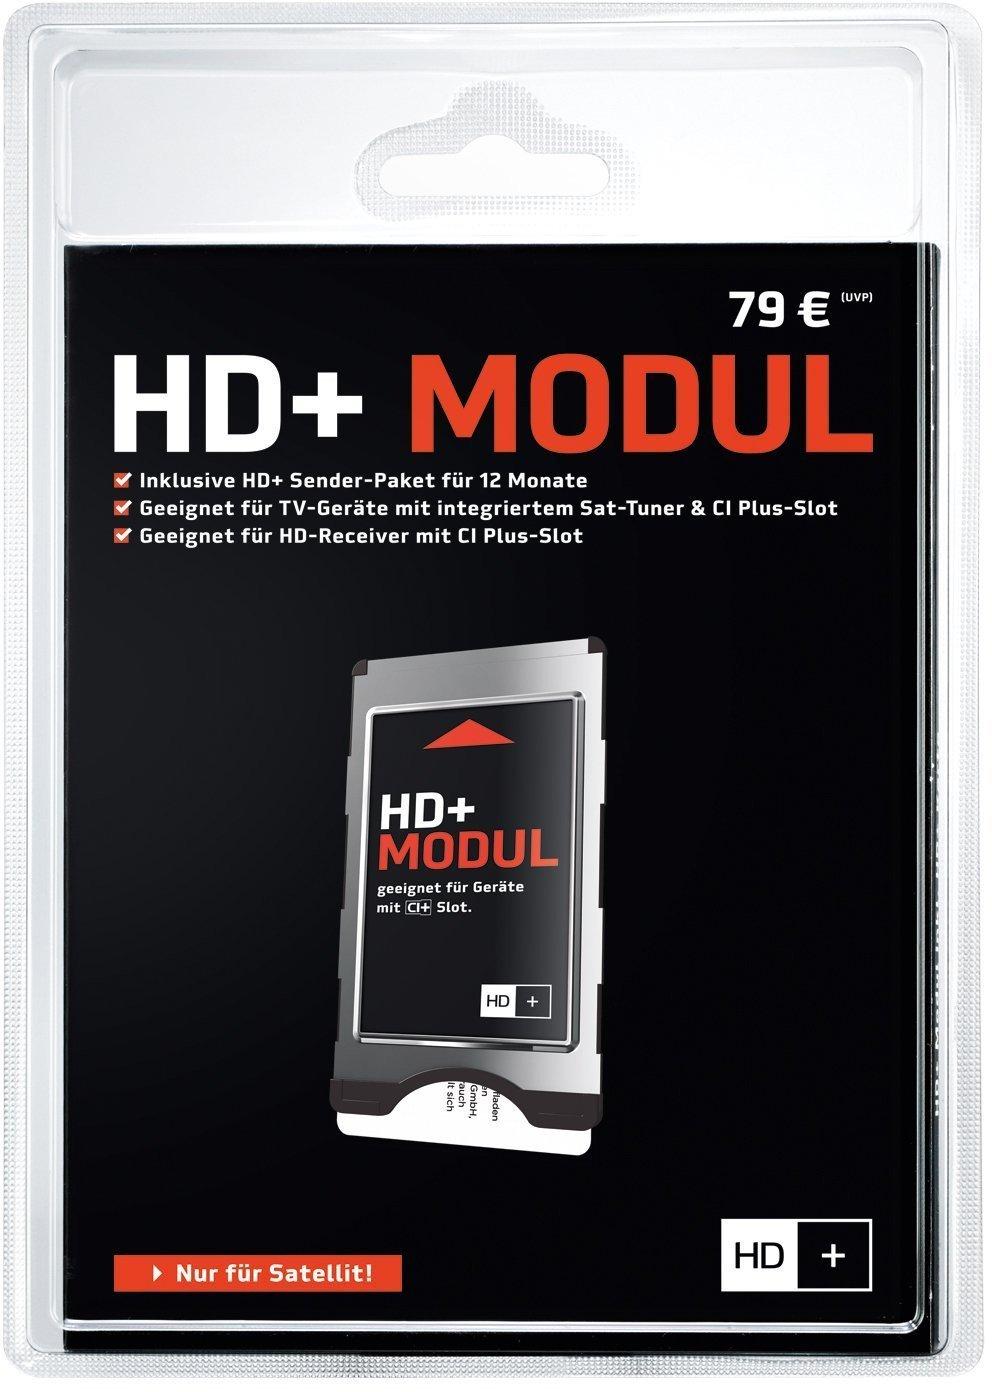 [www.AMAZON.de]  HD PLUS CI+ Modul für 12 Monate (inkl. HD+ Karte, bedingt geeignet für UHD, nur für Satellitenempfang)  statt UVP € 79,-- ab nächstes Jahr werden die Karten 10 EUR teurer !